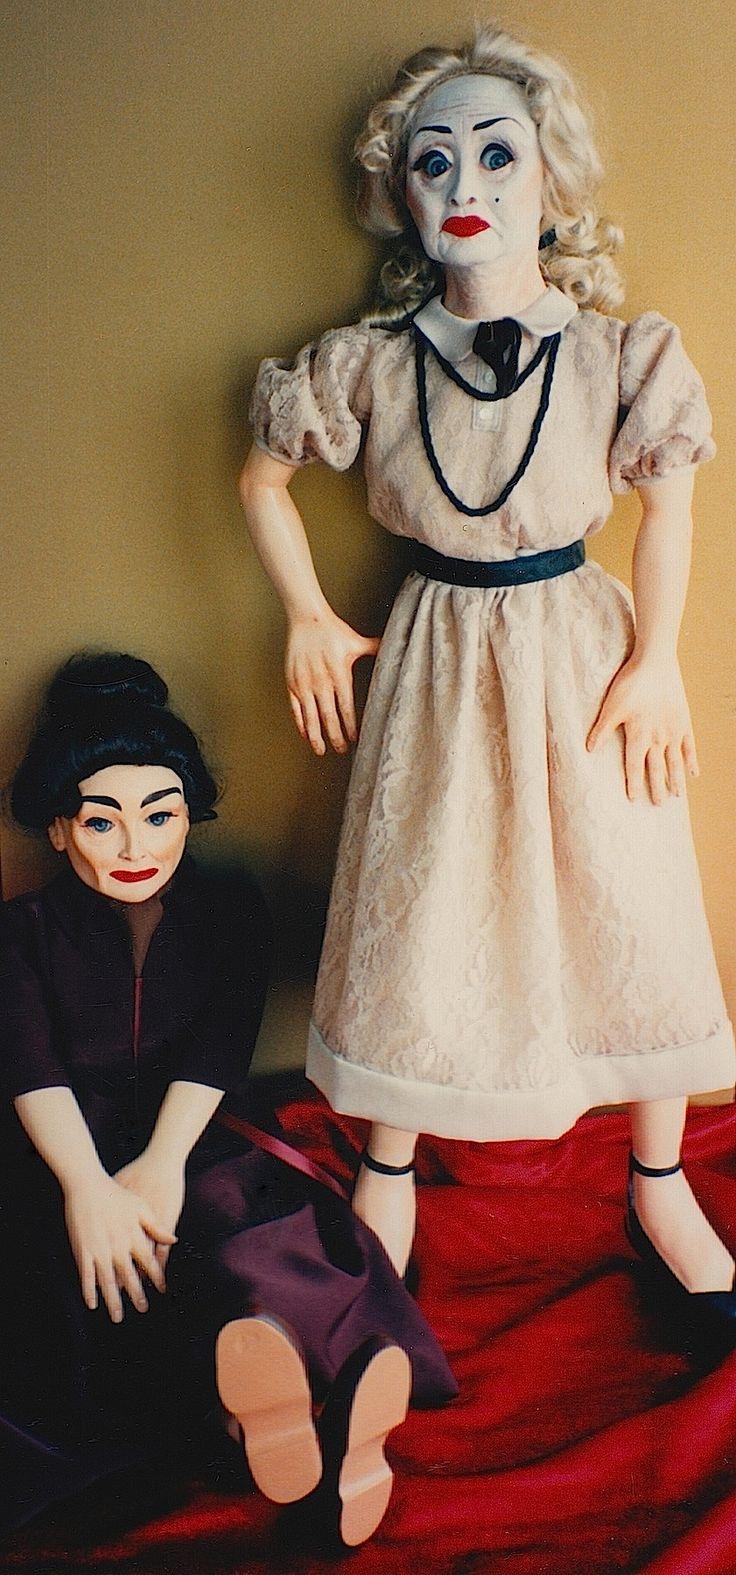 Laugh Out Loud Dolls